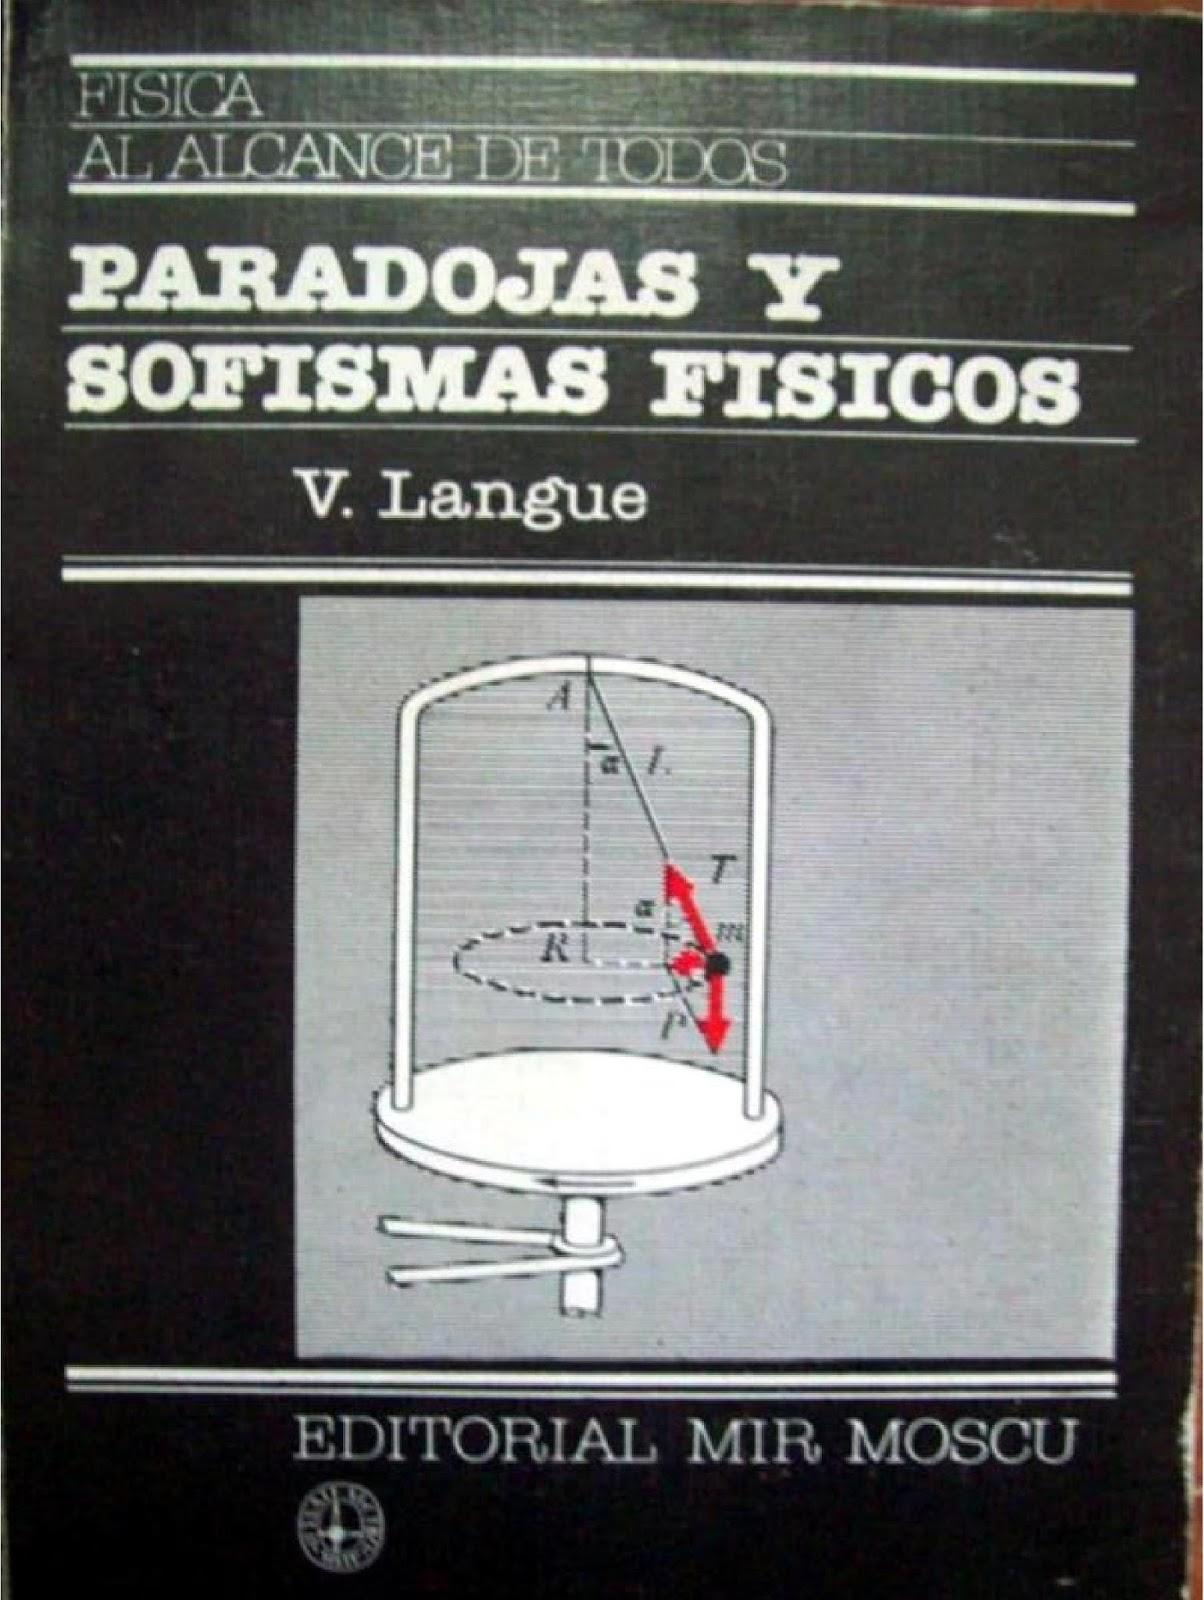 Paradojas y sofismas físicos – V. Langue